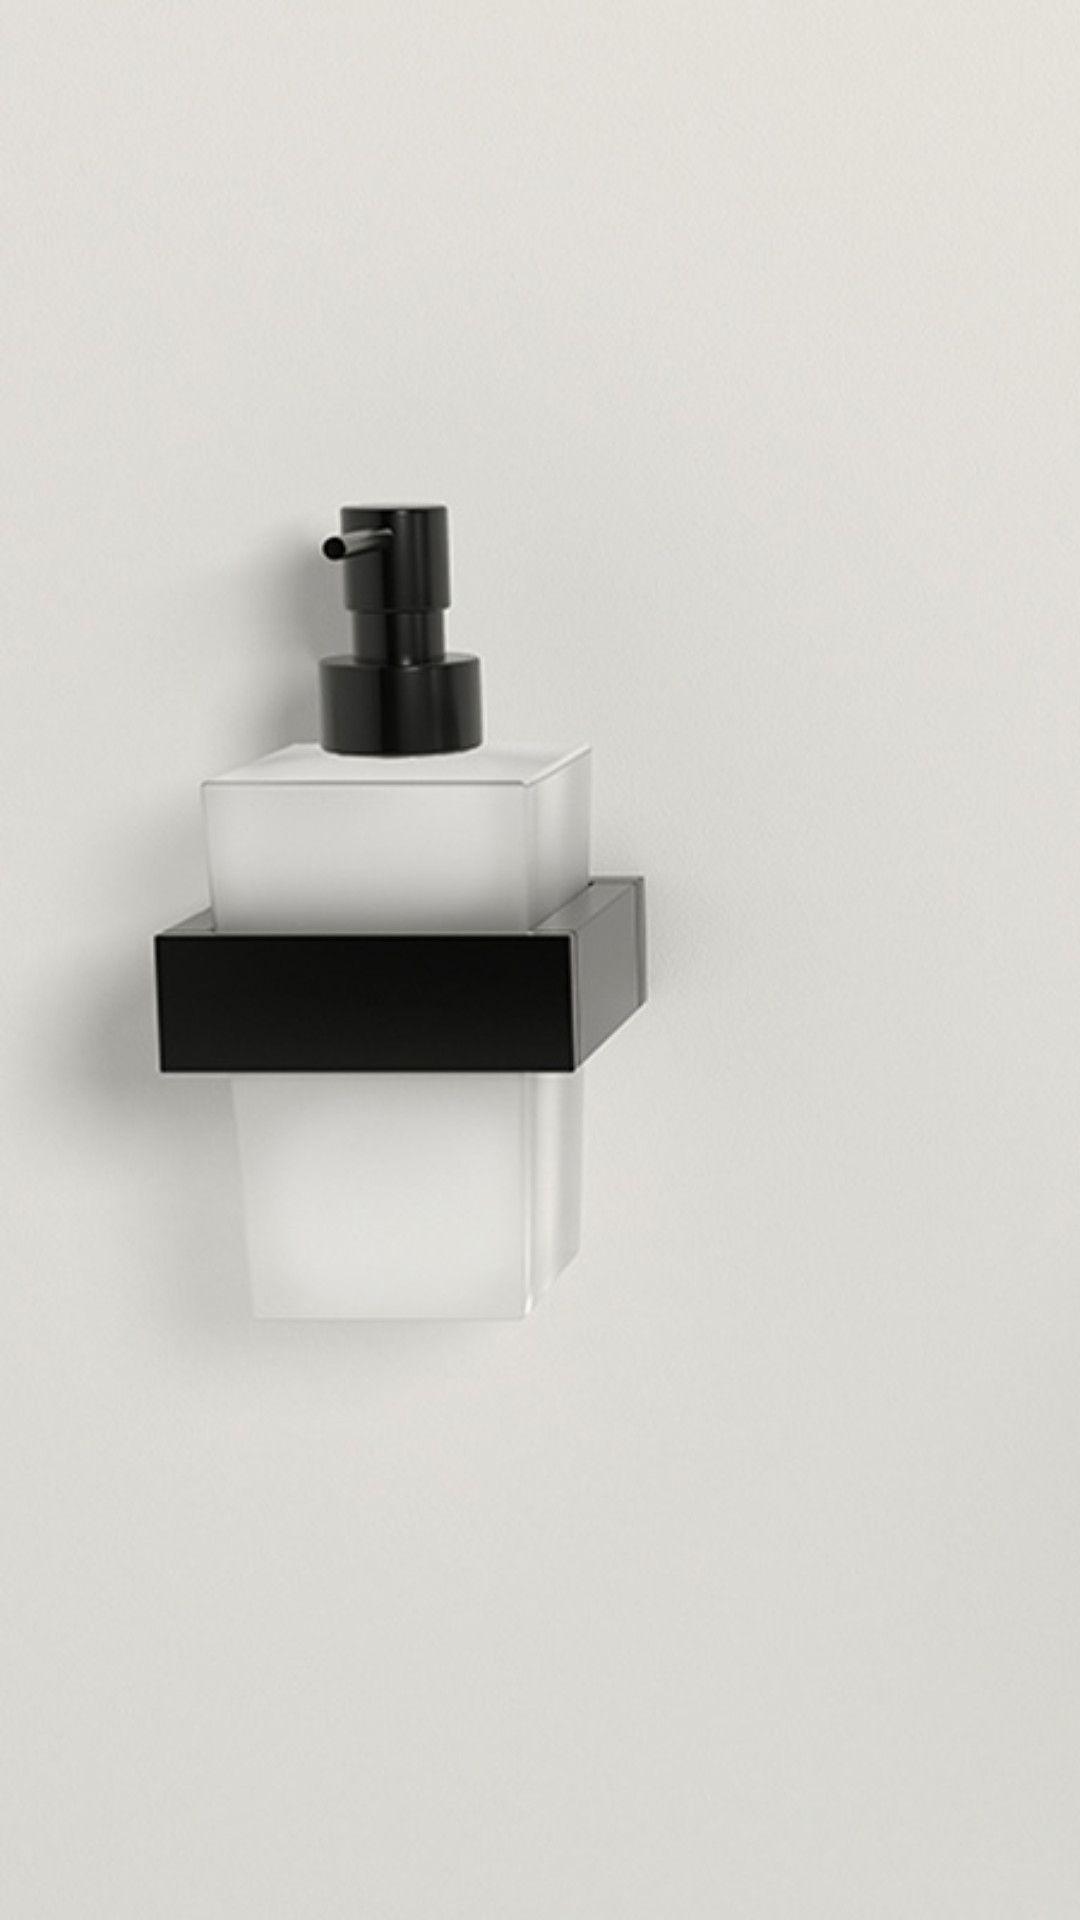 Steinberg Serie 460 Ein Tolles Accessoire Fur Ihr Badezimmer Ist